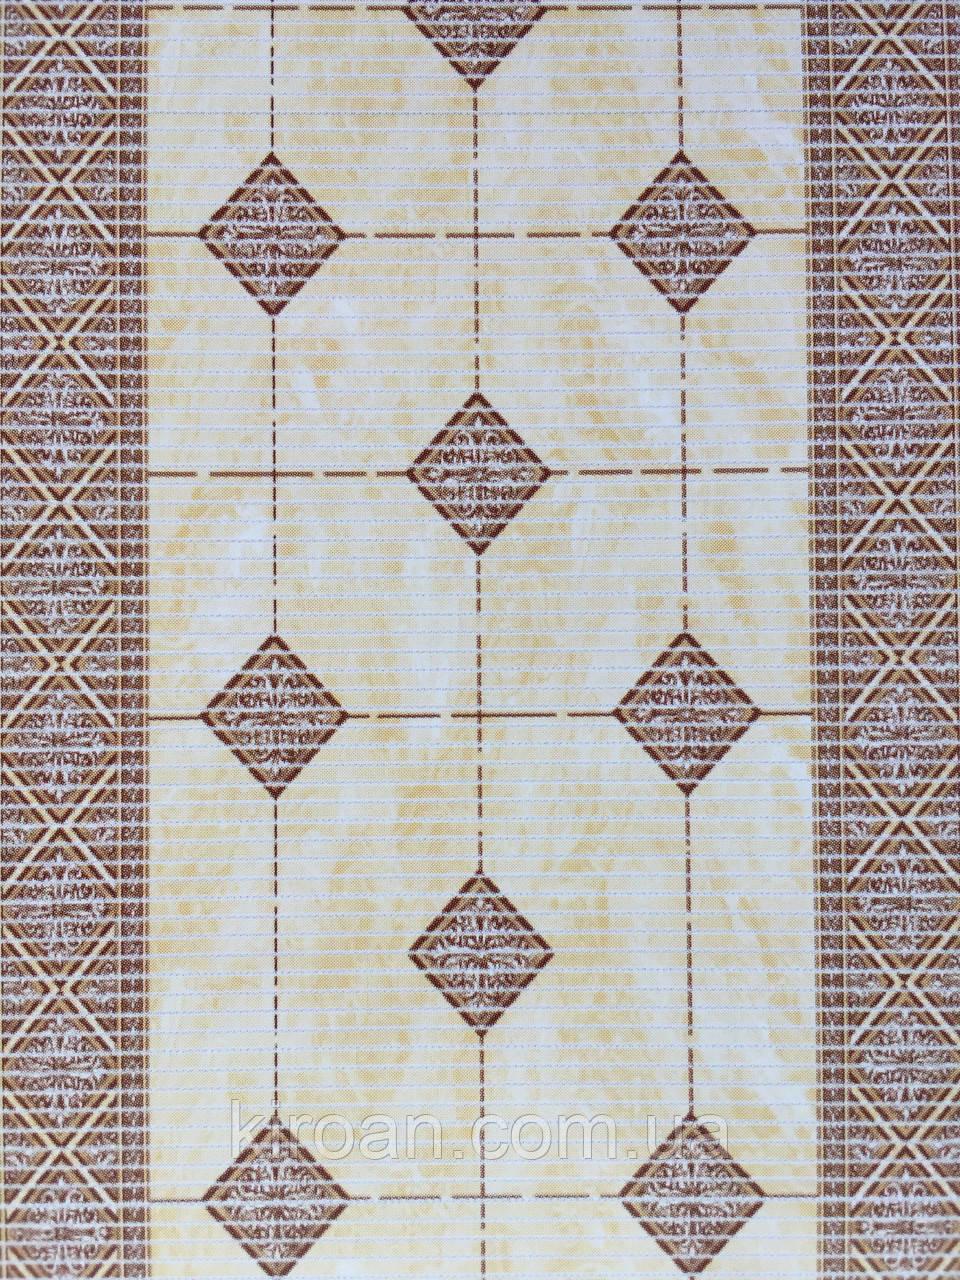 Коврикдорожка АкваматDekomarin (Турция) 65 см * 15 м